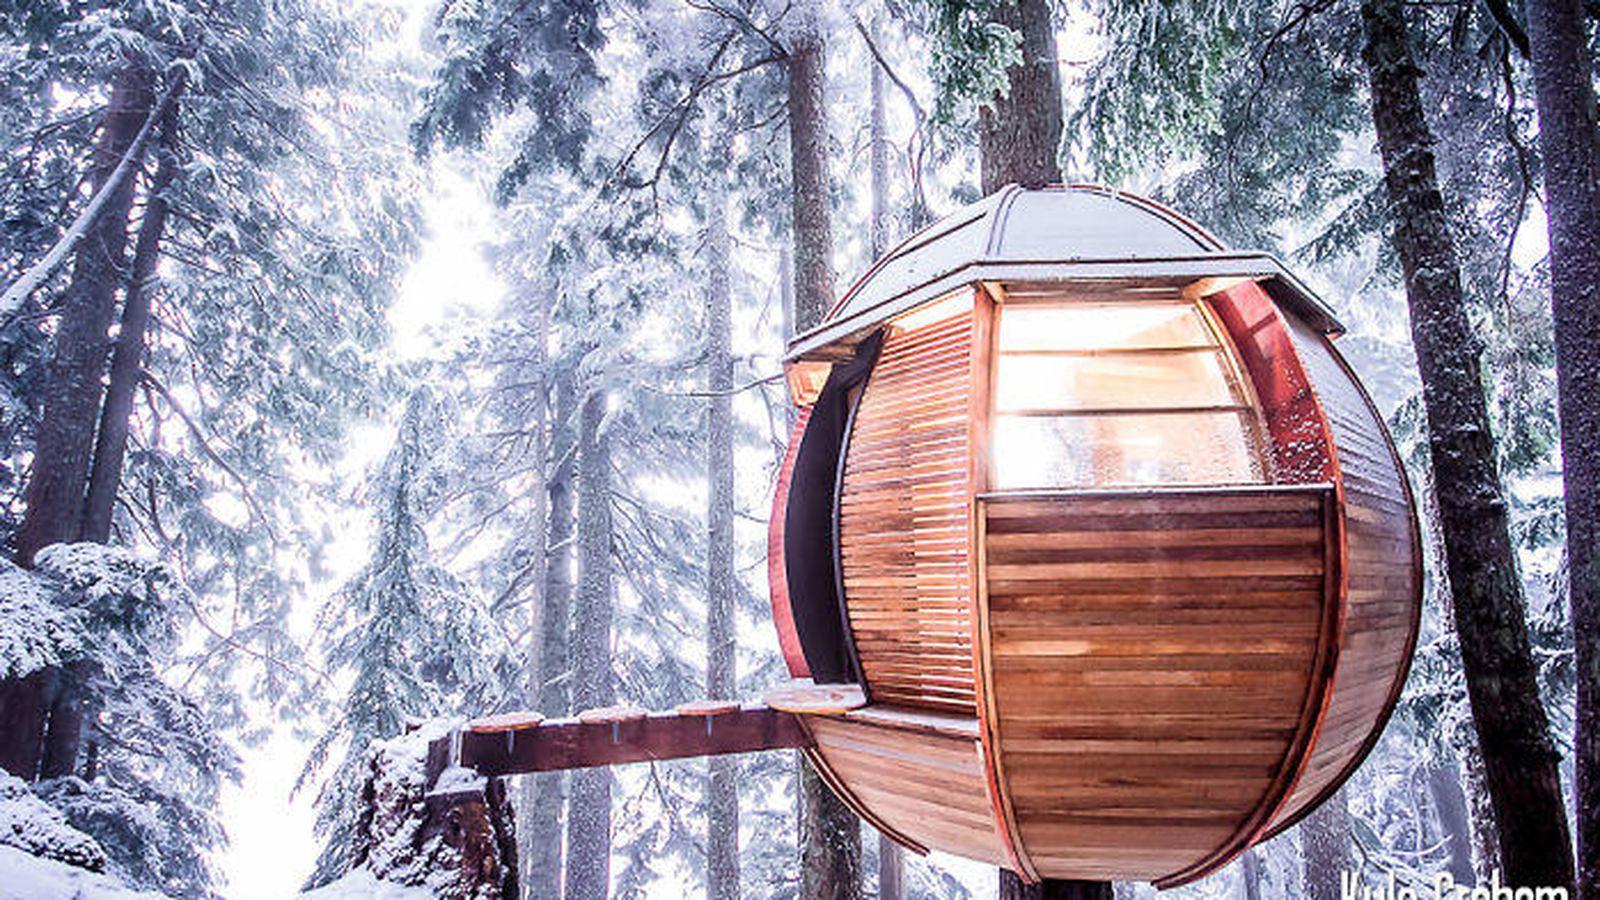 Las casas de rbol m s bonitas del mundo for Las casas mas hermosas del mundo